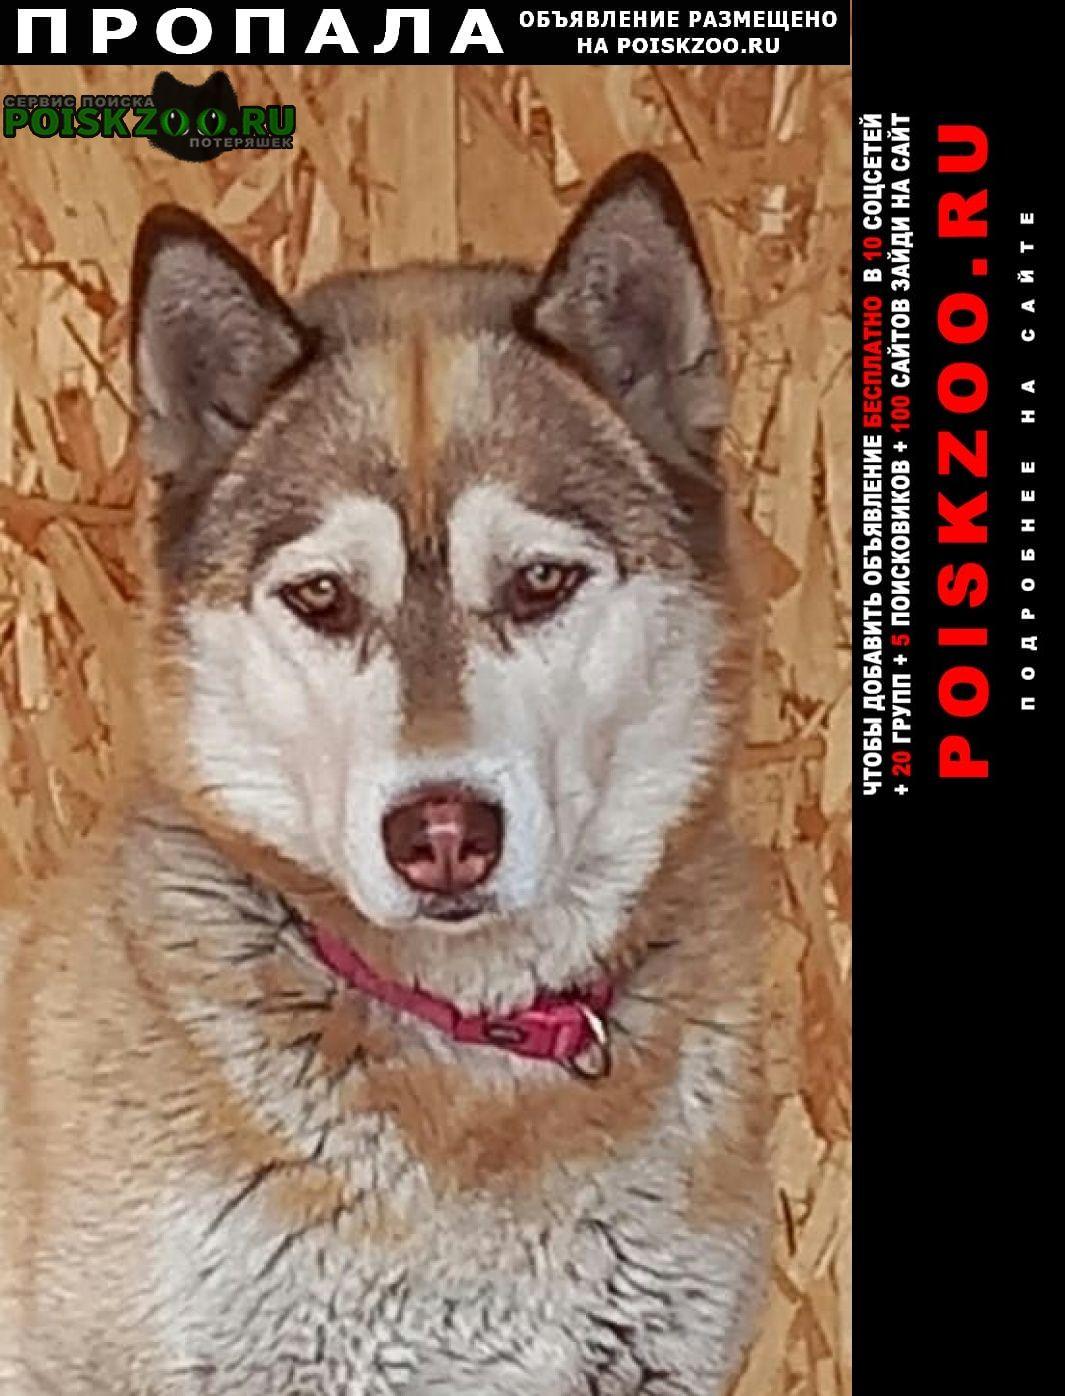 Челябинск Пропала собака